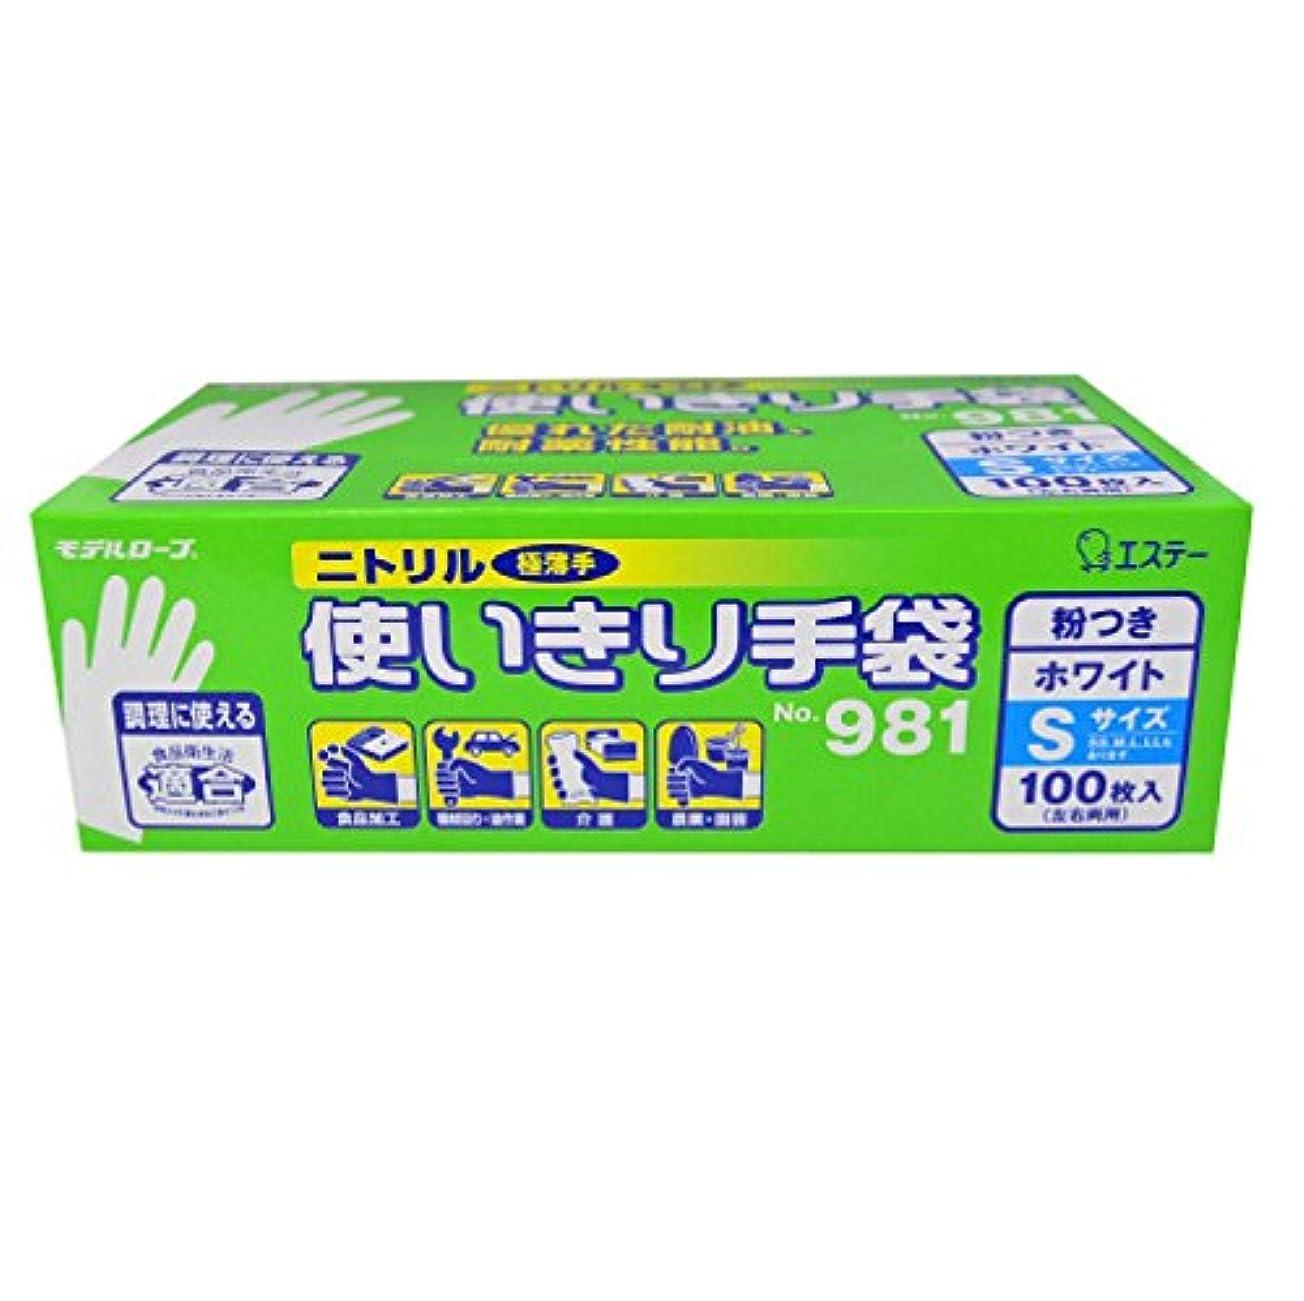 ウィスキー候補者ケニアエステー 二トリル手袋 粉付(100枚入)S ブルー No.981